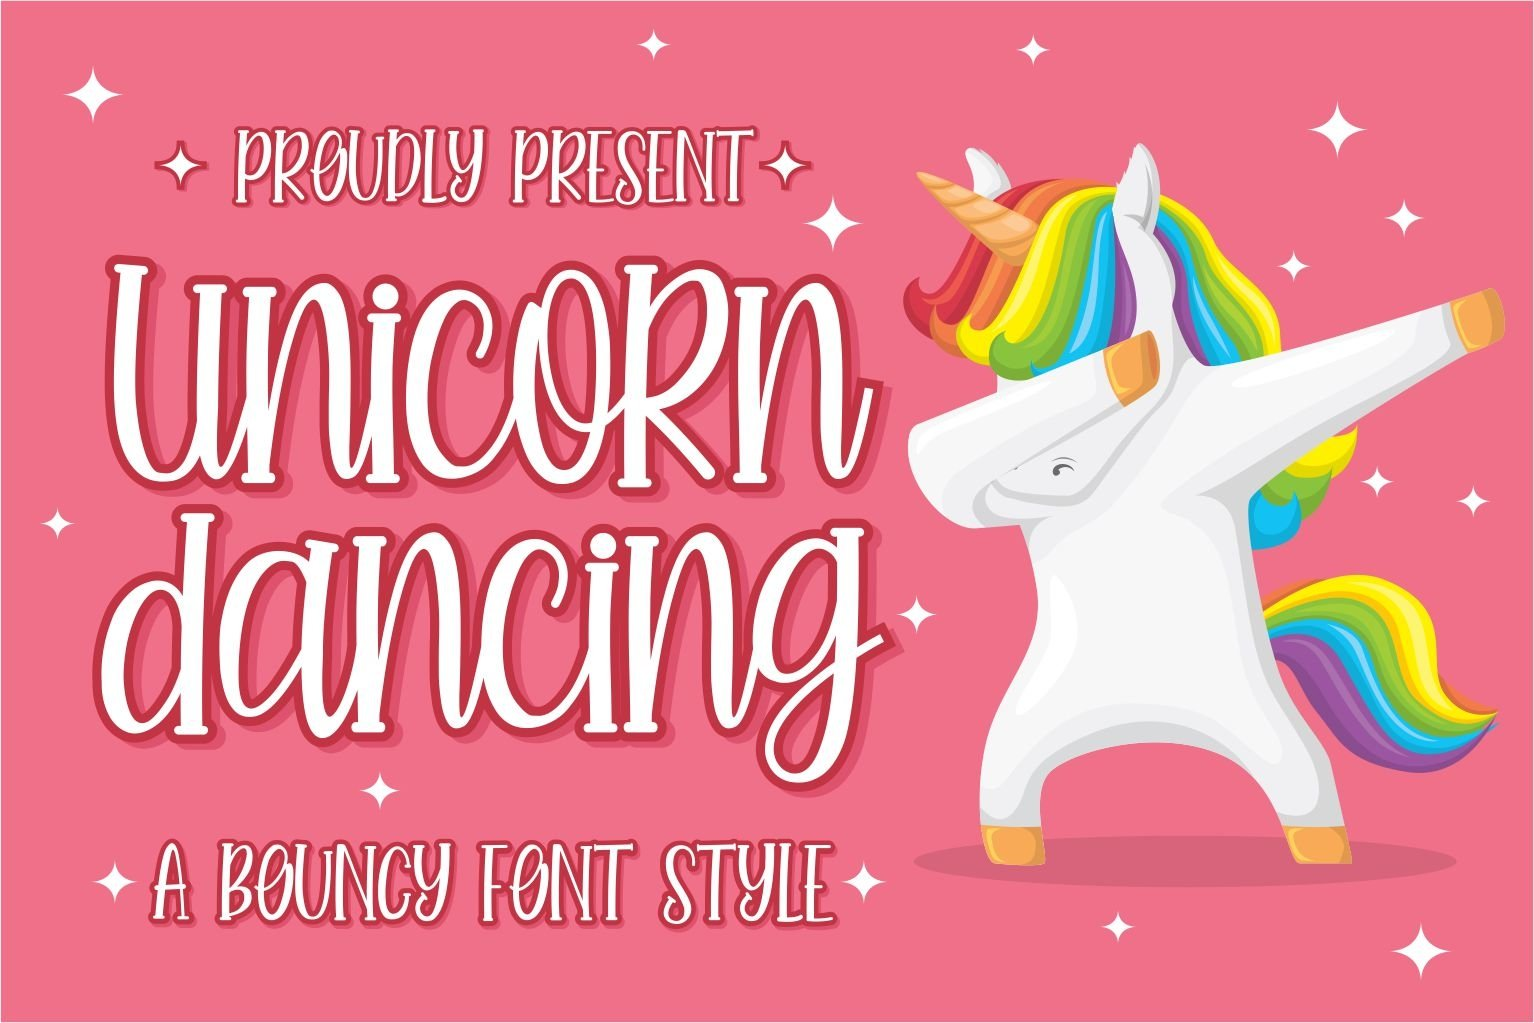 Unicorn Dancing example image 1